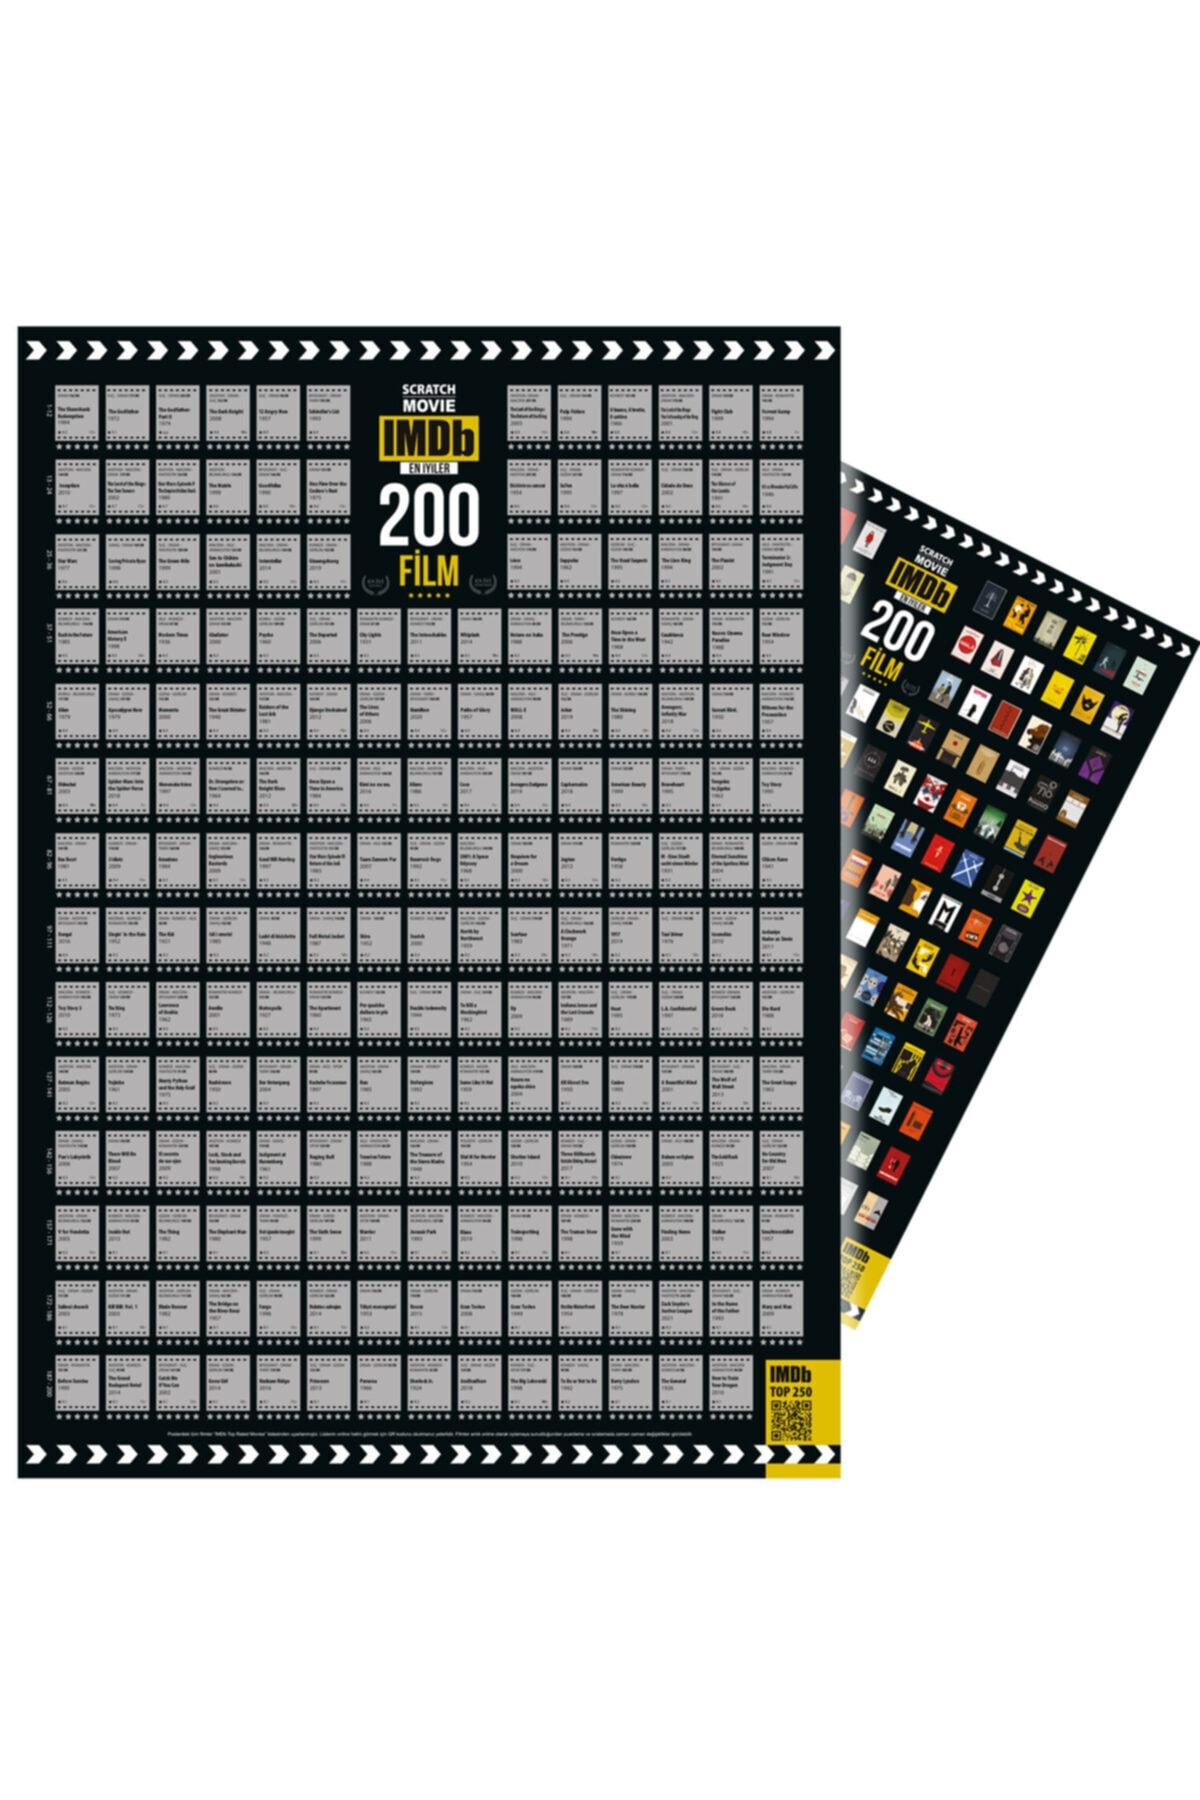 Kazı Izle Imdb 200 En Iyi 200 Film Kazınabilir Film Posteri Tüm Zamanların En Iyileri Dev Boy